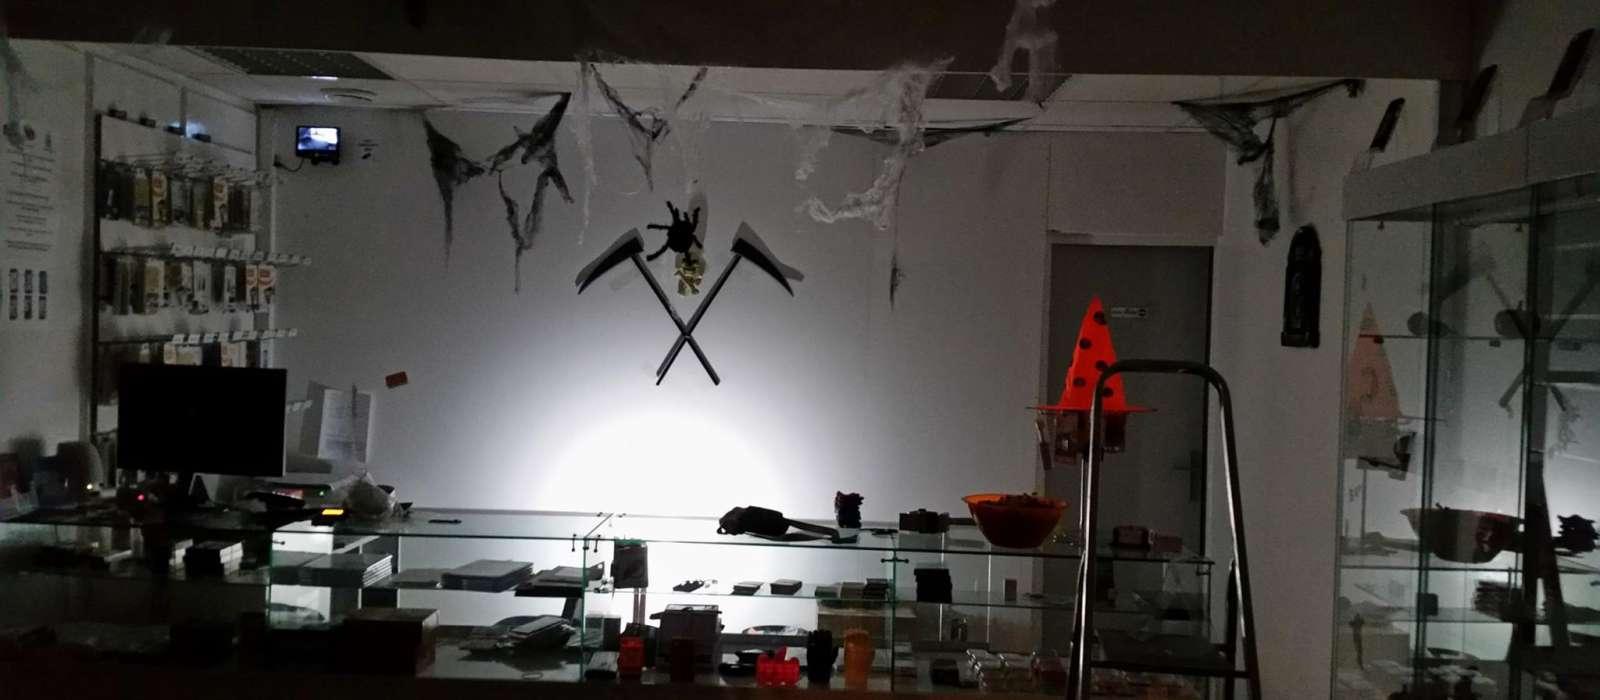 Teclab - Halloween